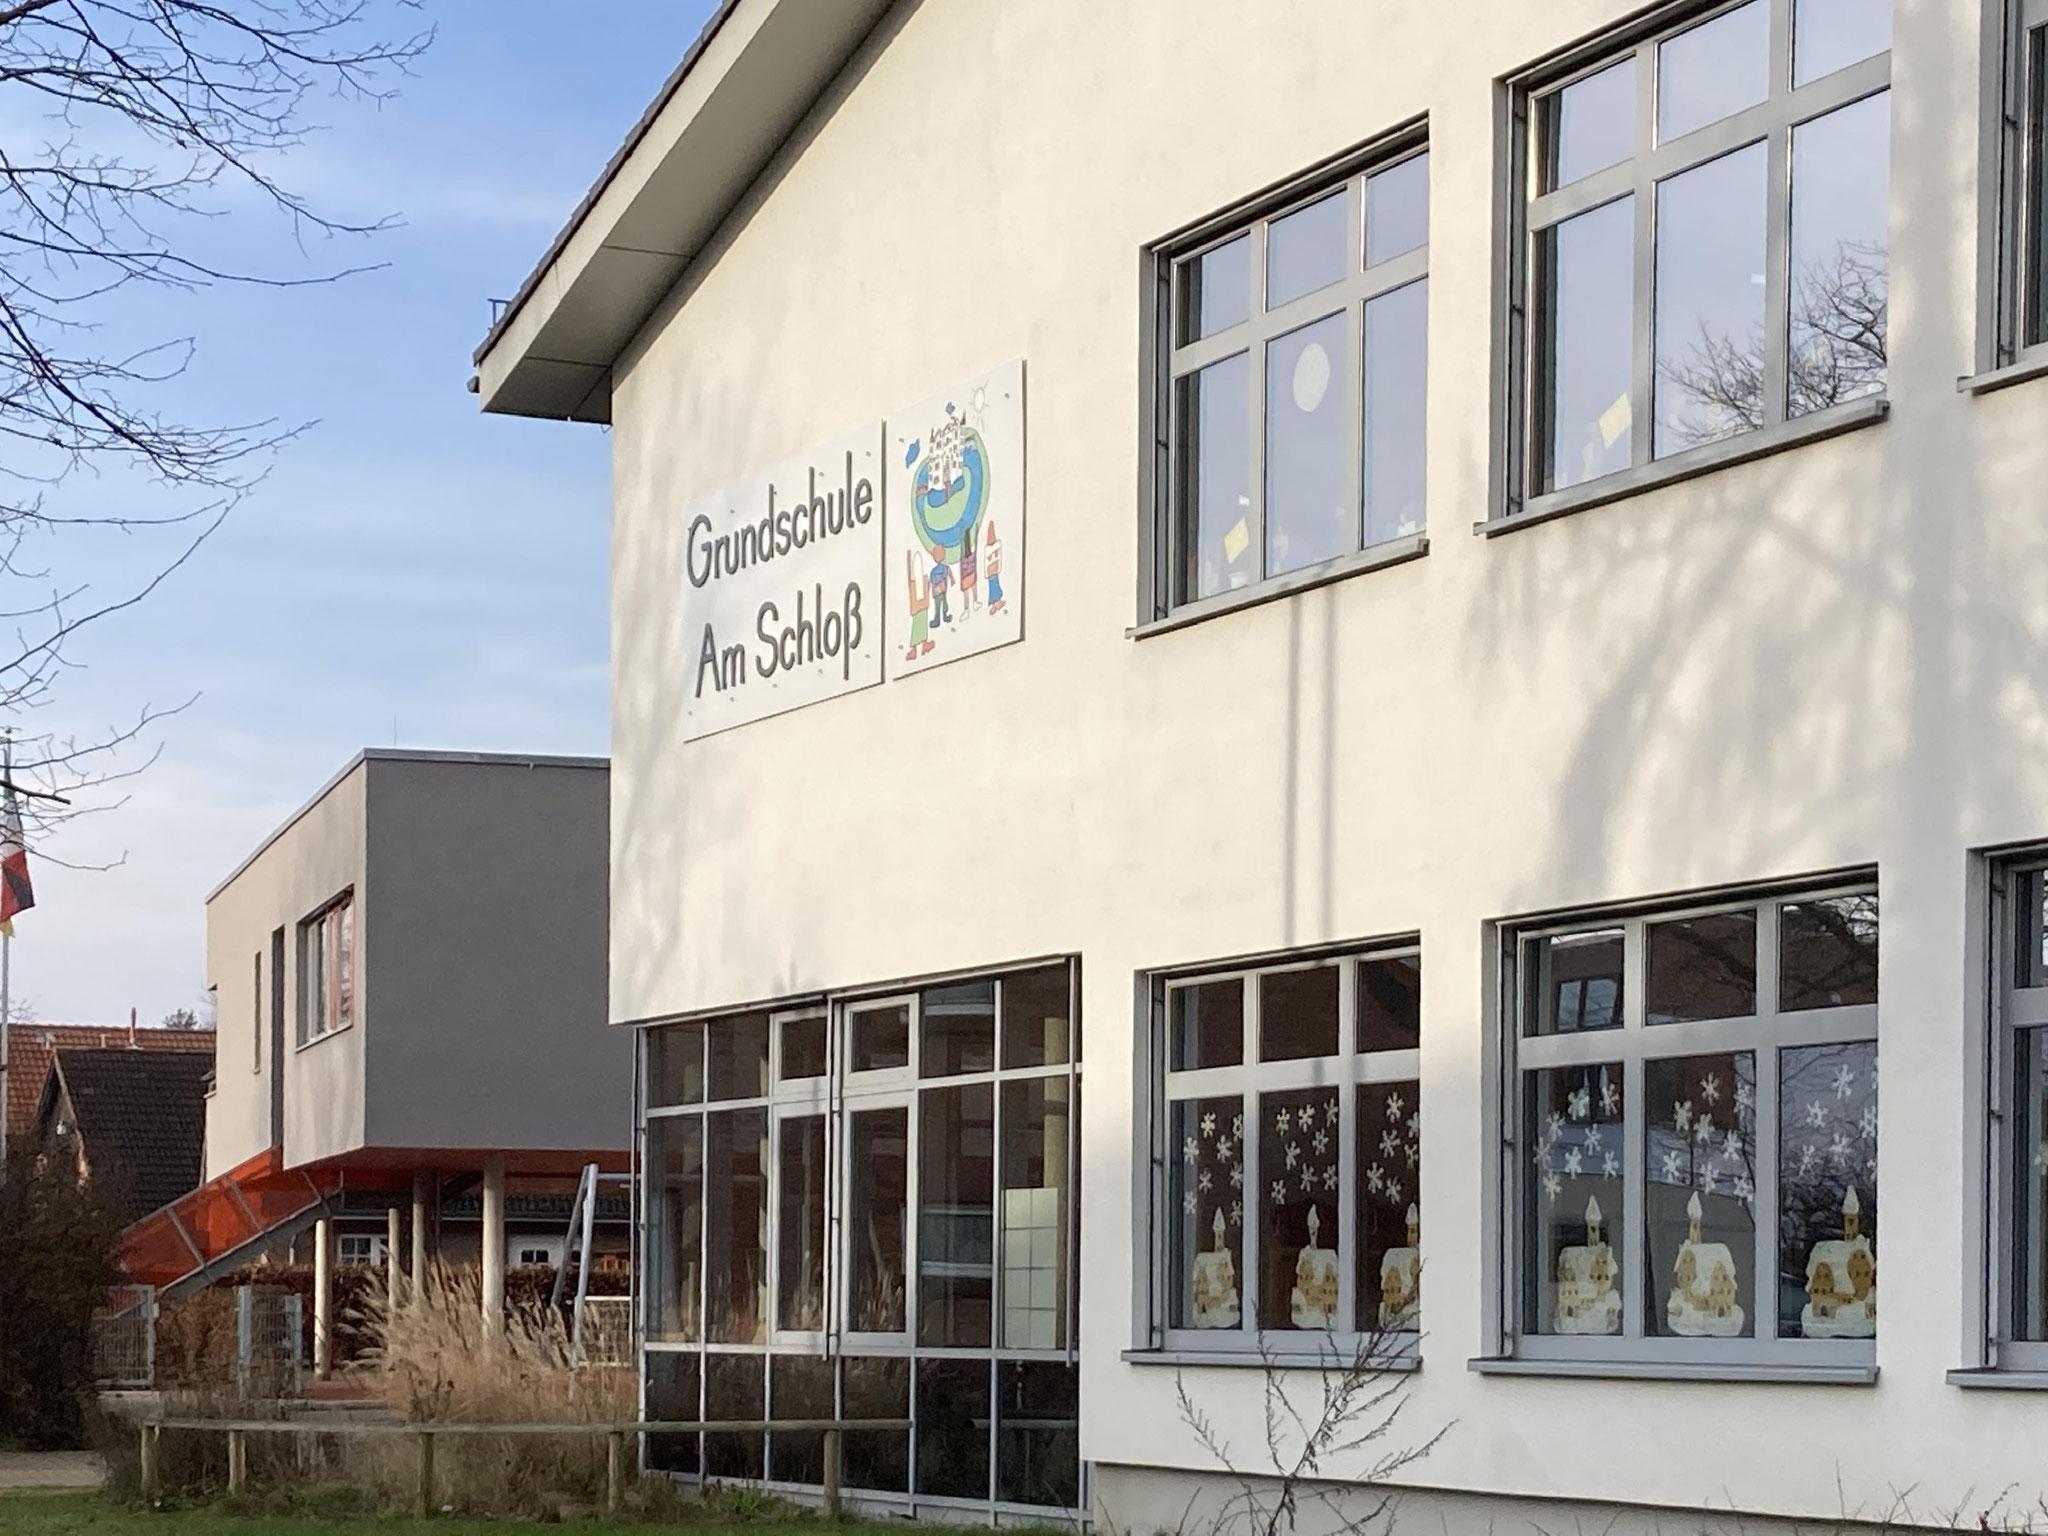 Grundschule Am Schloss